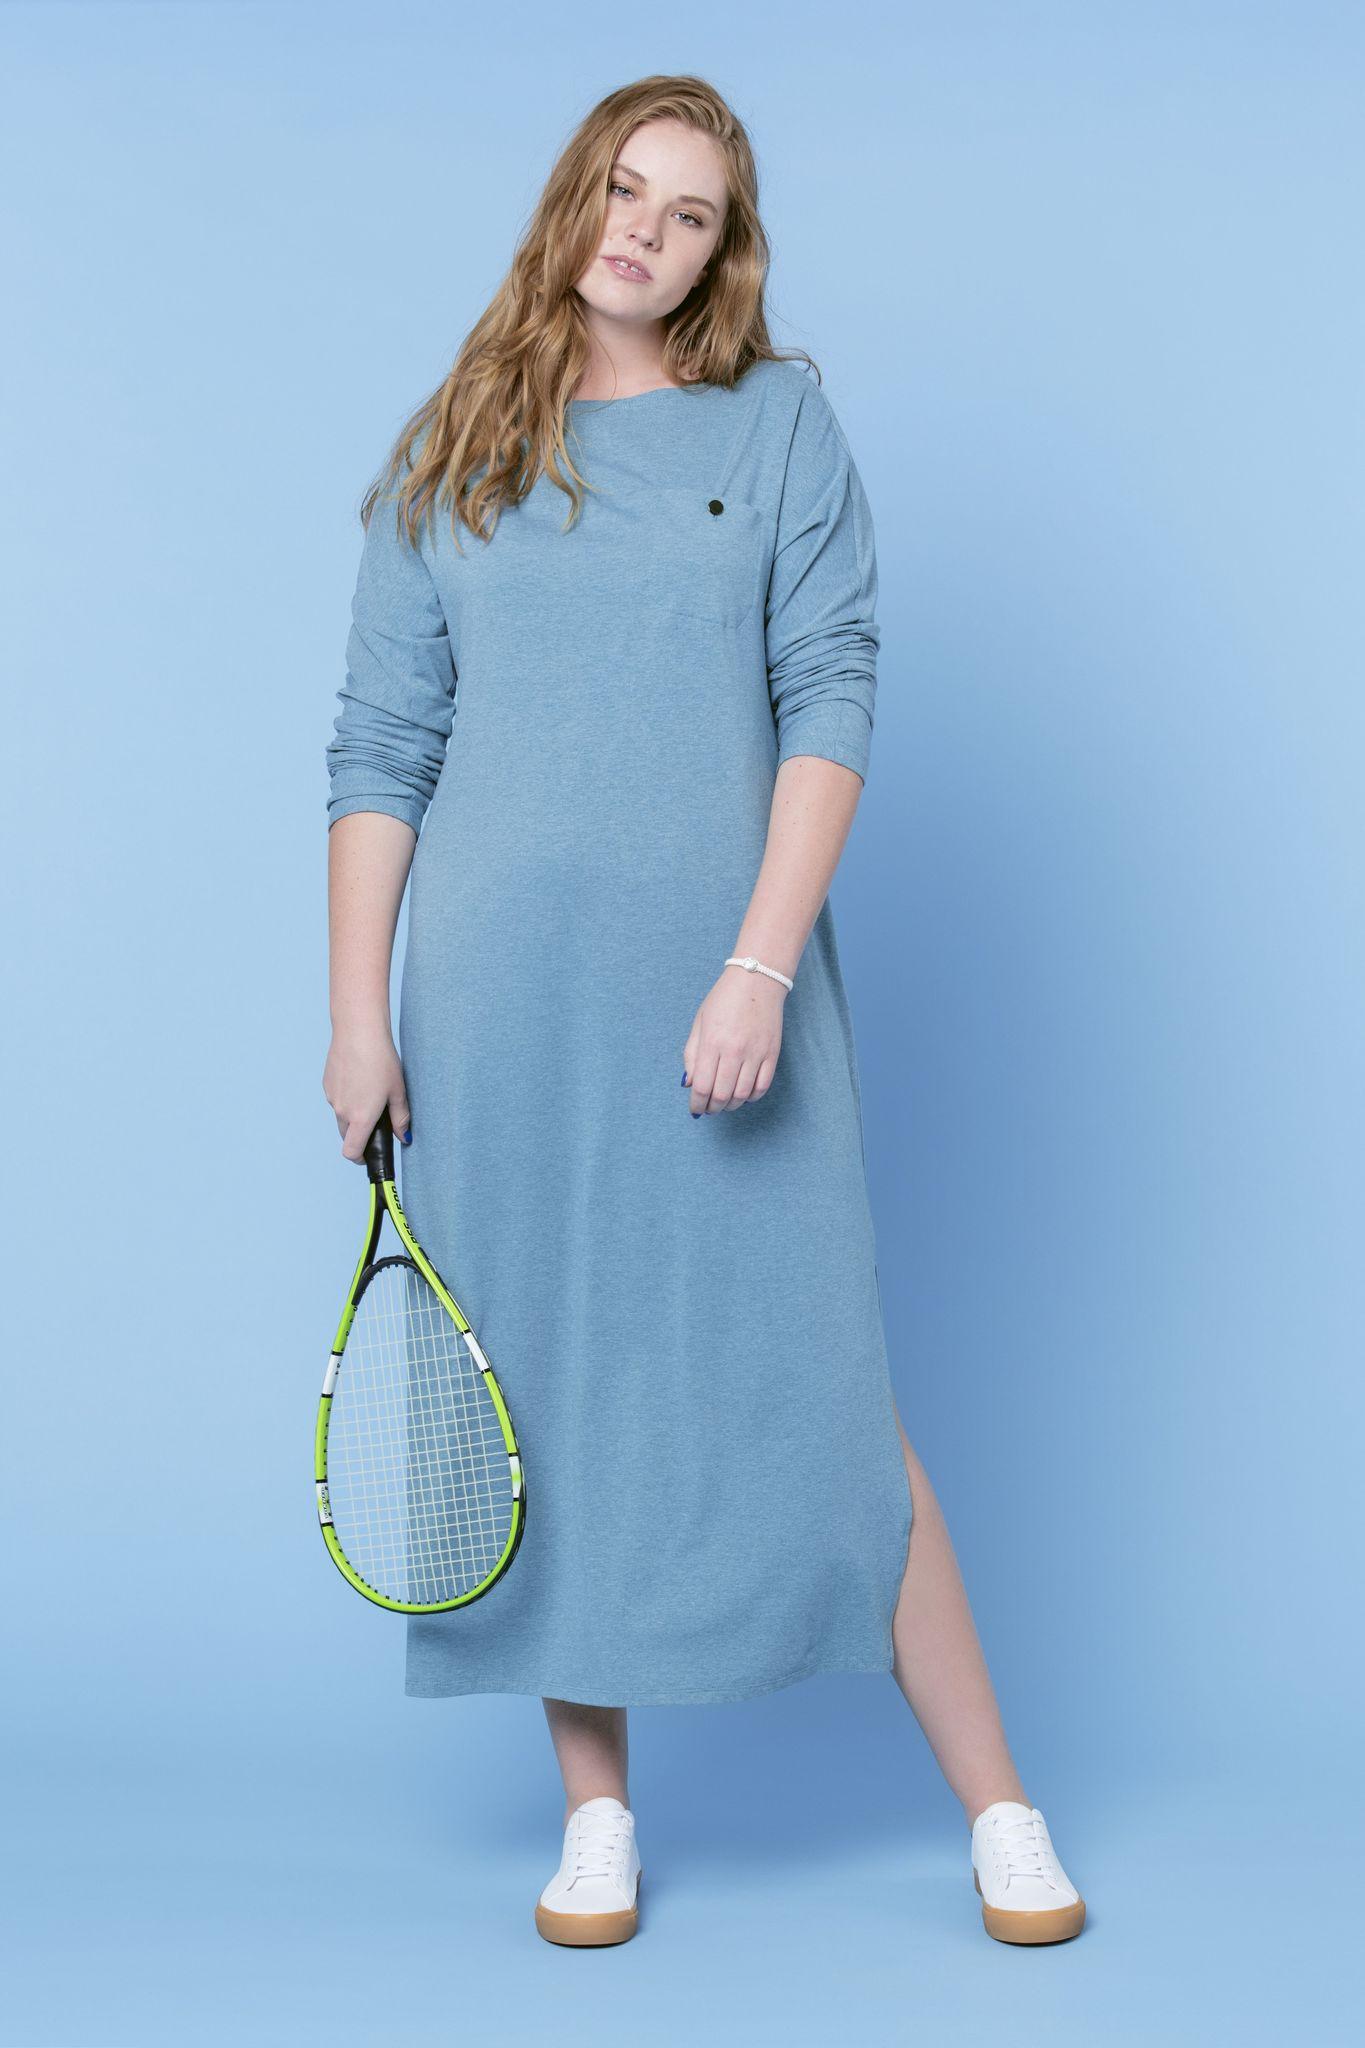 Платье LE-05 D07 34Платья<br>Платья-майка создает спортивный образ, но в то же время добавляет в него женственность. Наше трикотажное платье-майка еще и дает удивительный комфорт, а также универсальность использования. Платье-майка -  максимально комфортная вещь, с минимальными условностями . С таким платьем можно смело экспериментировать, пробуя различные цветовые решения, с ним можно создать  полноценный гардероб в любое время года. Оптимально будет такое платье надеть с  кедами и кардиганом в вечернее время, на отдыхе и в городе.  Рост модели на фото 179 см, размер - 54 российский.<br>